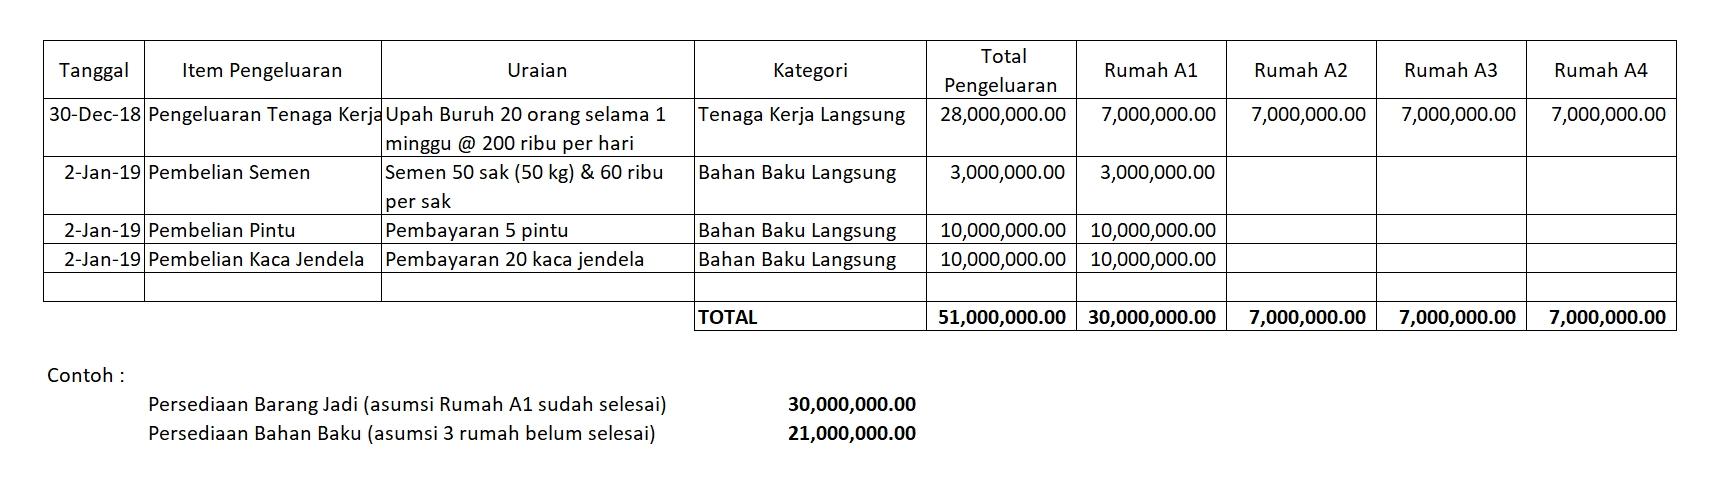 Contoh Perhitungan HPP Property